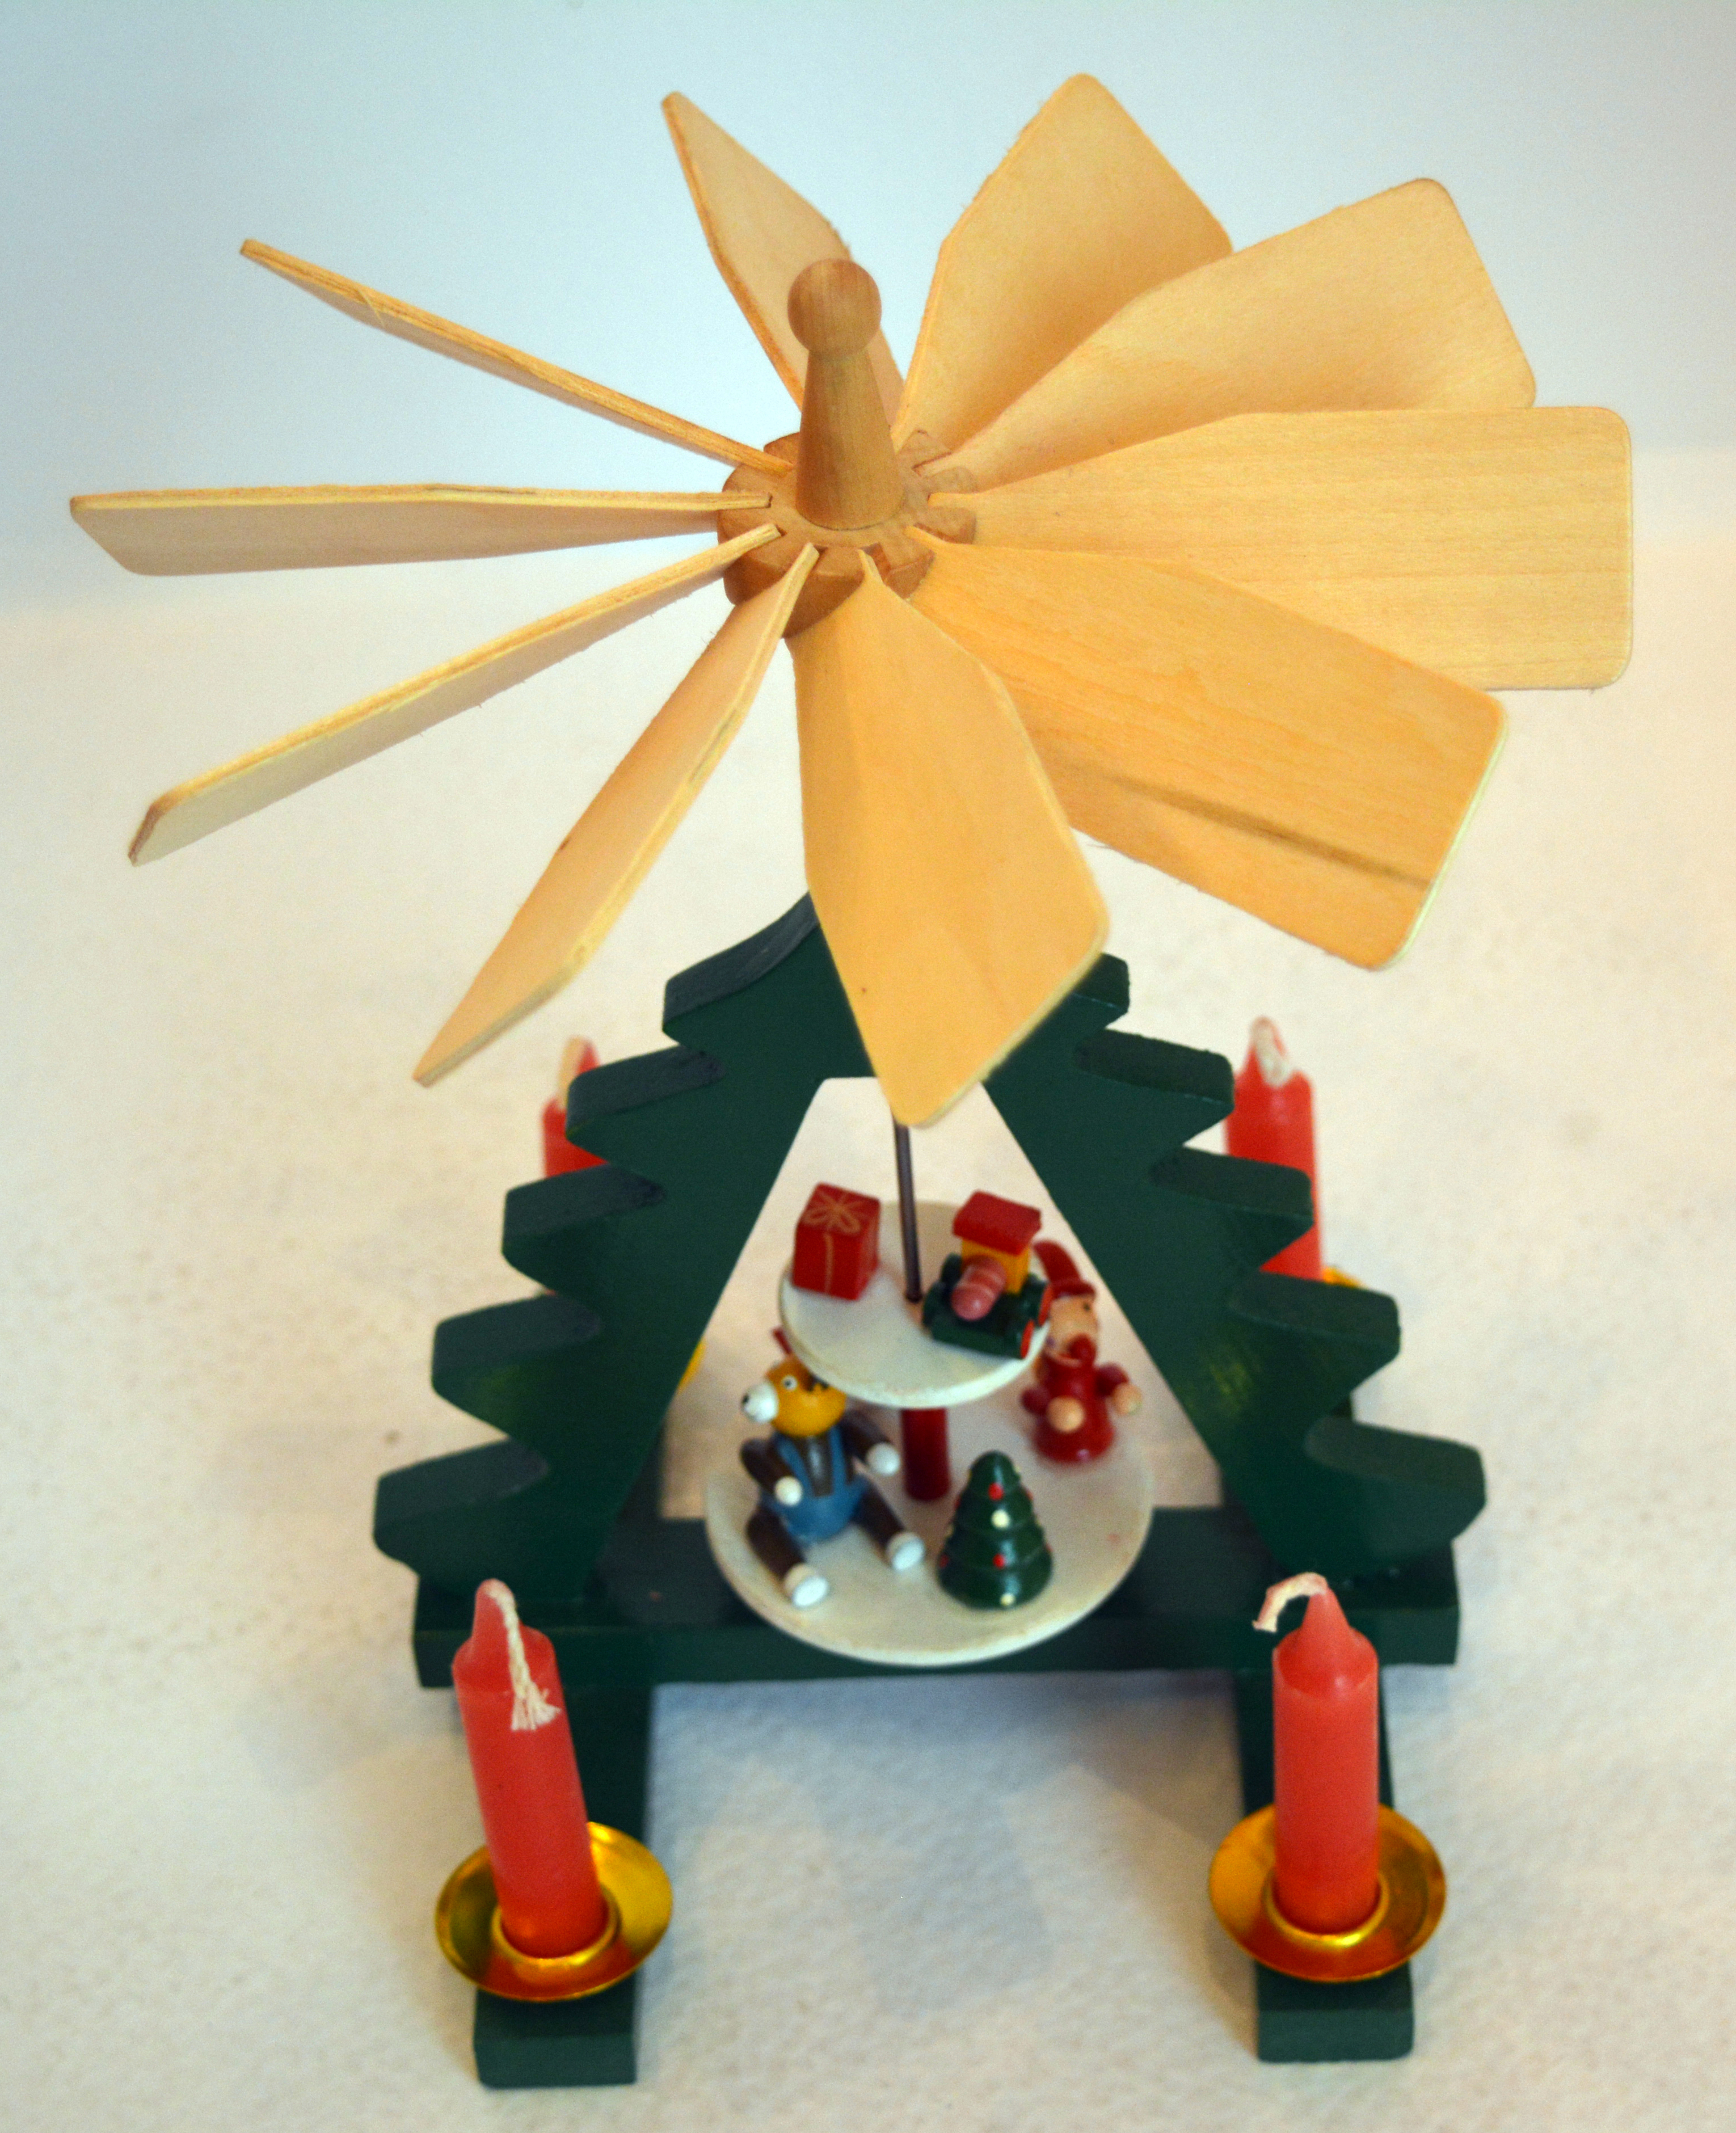 Weihnachtspyramide Advent Drehbar Kerzen Weihnachtsdeko